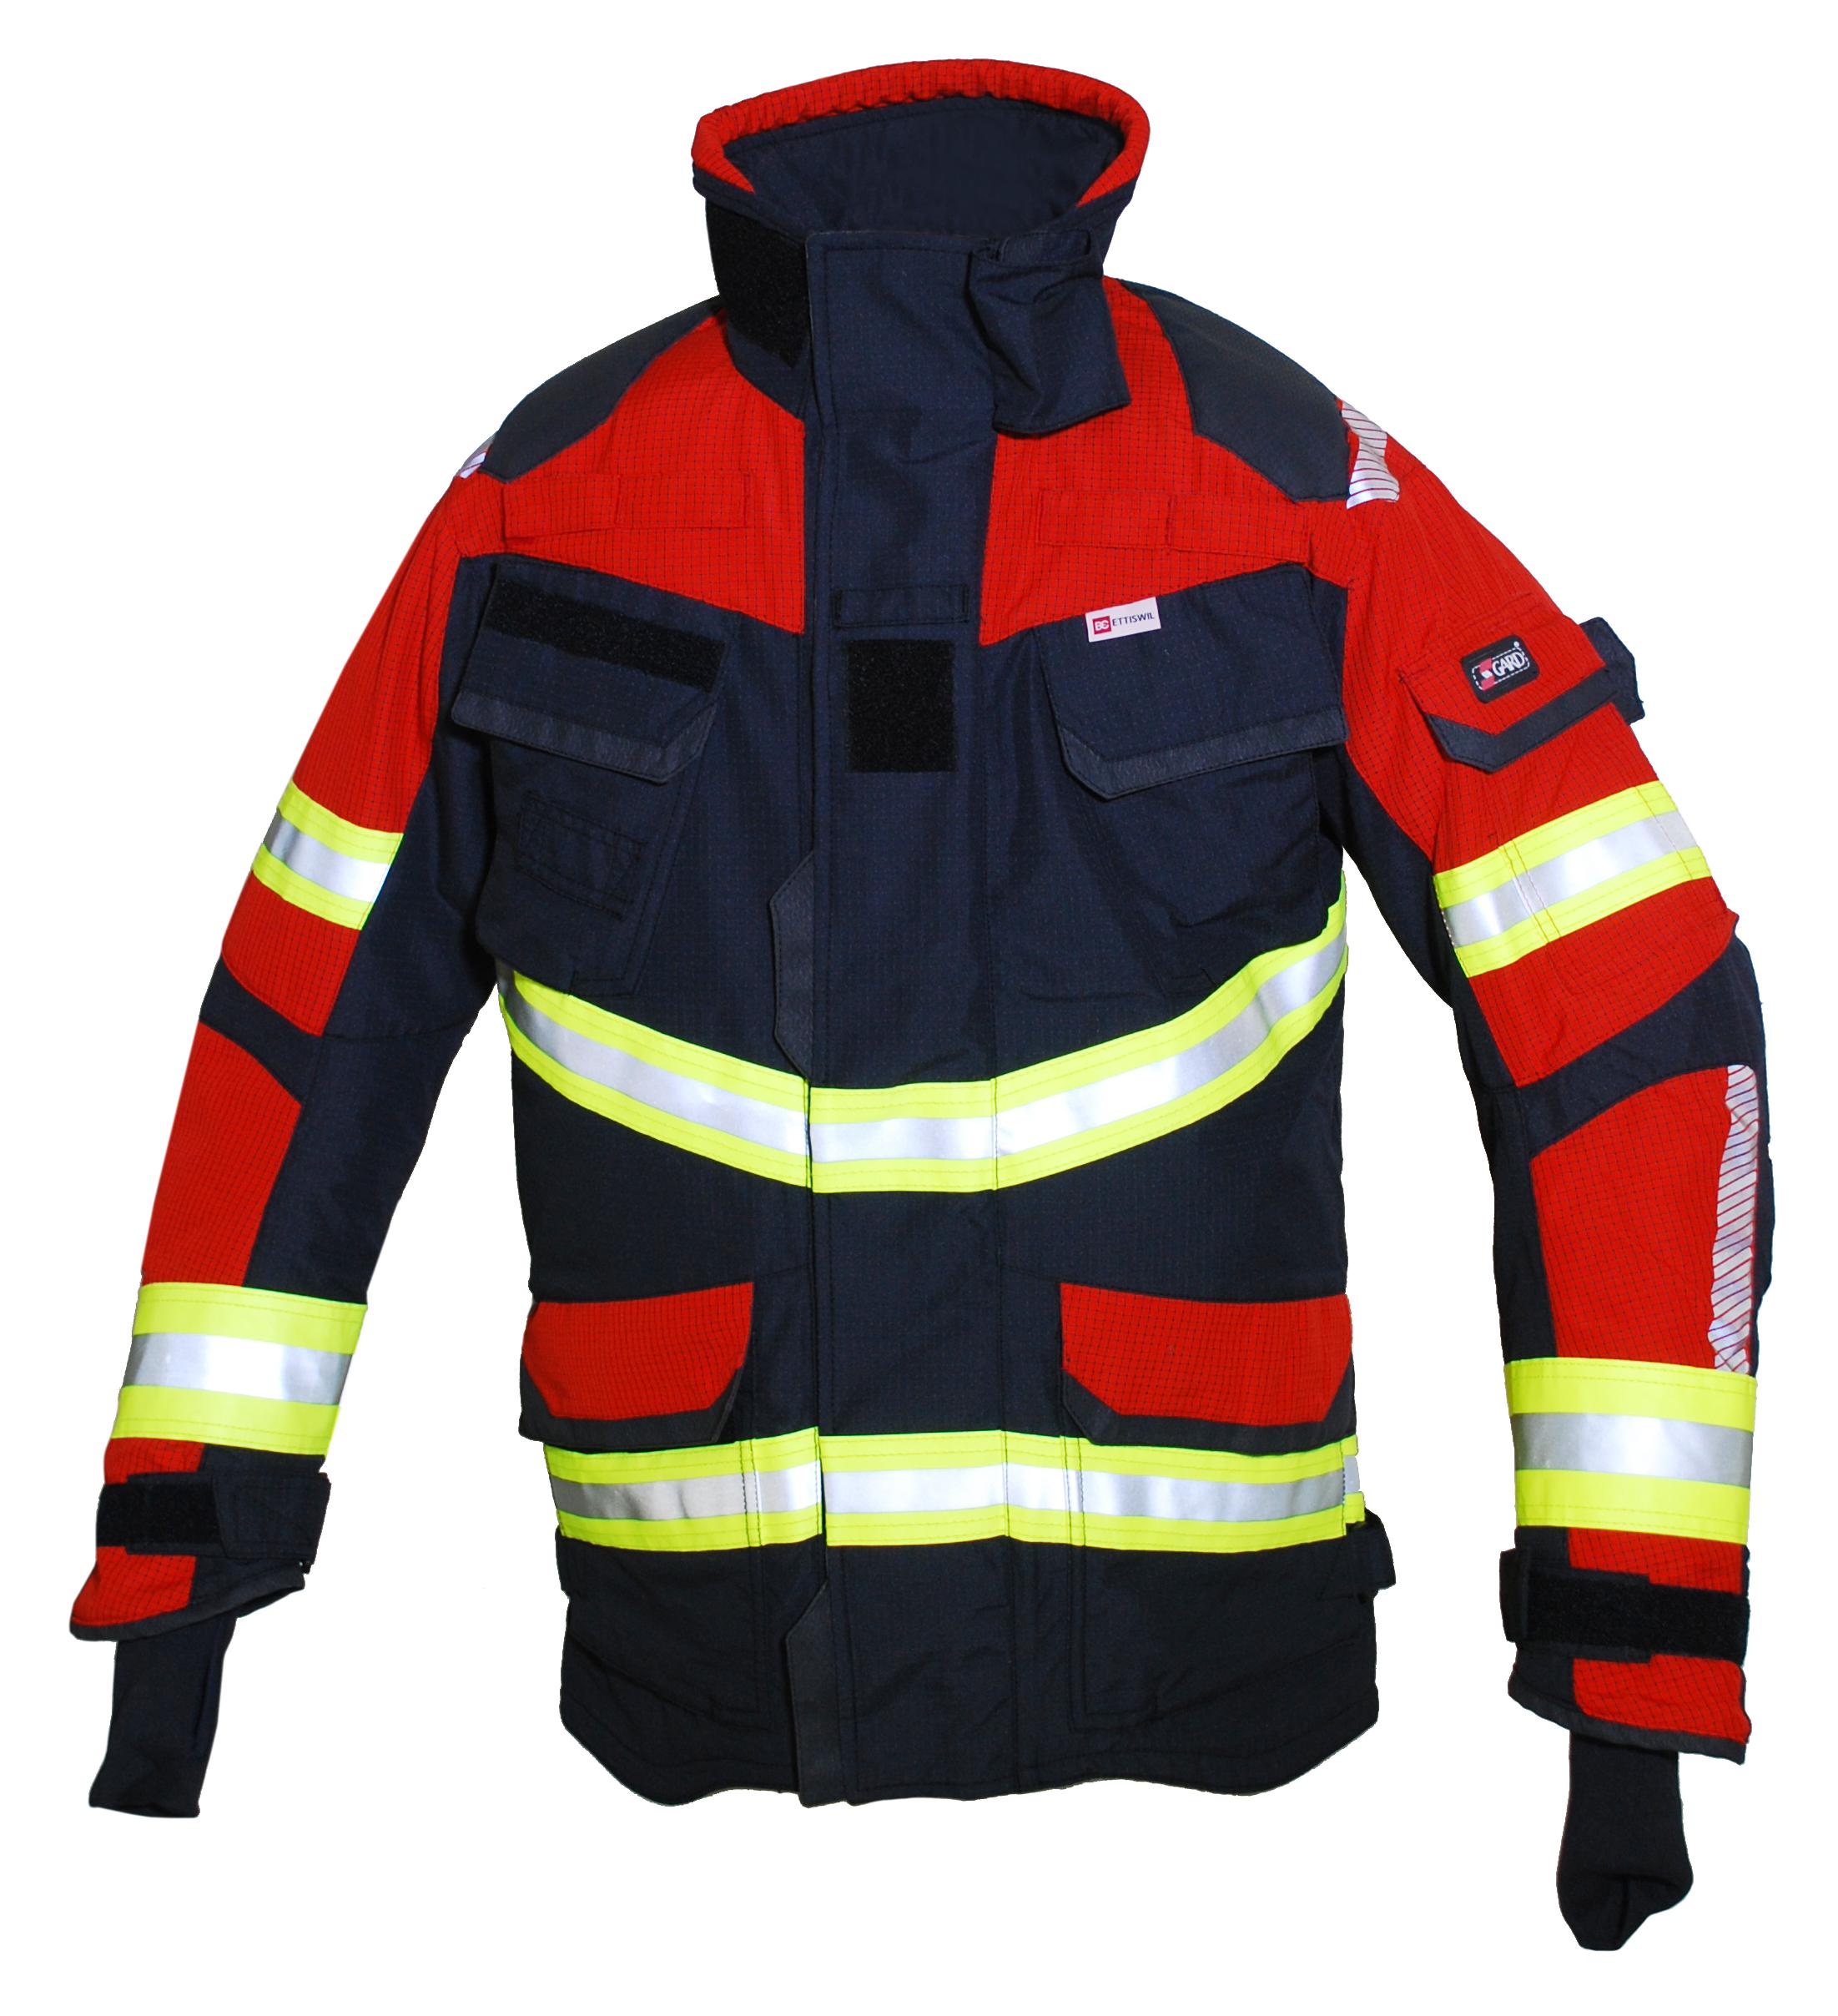 Vêtements de protection incendie ULTIMATE RSK